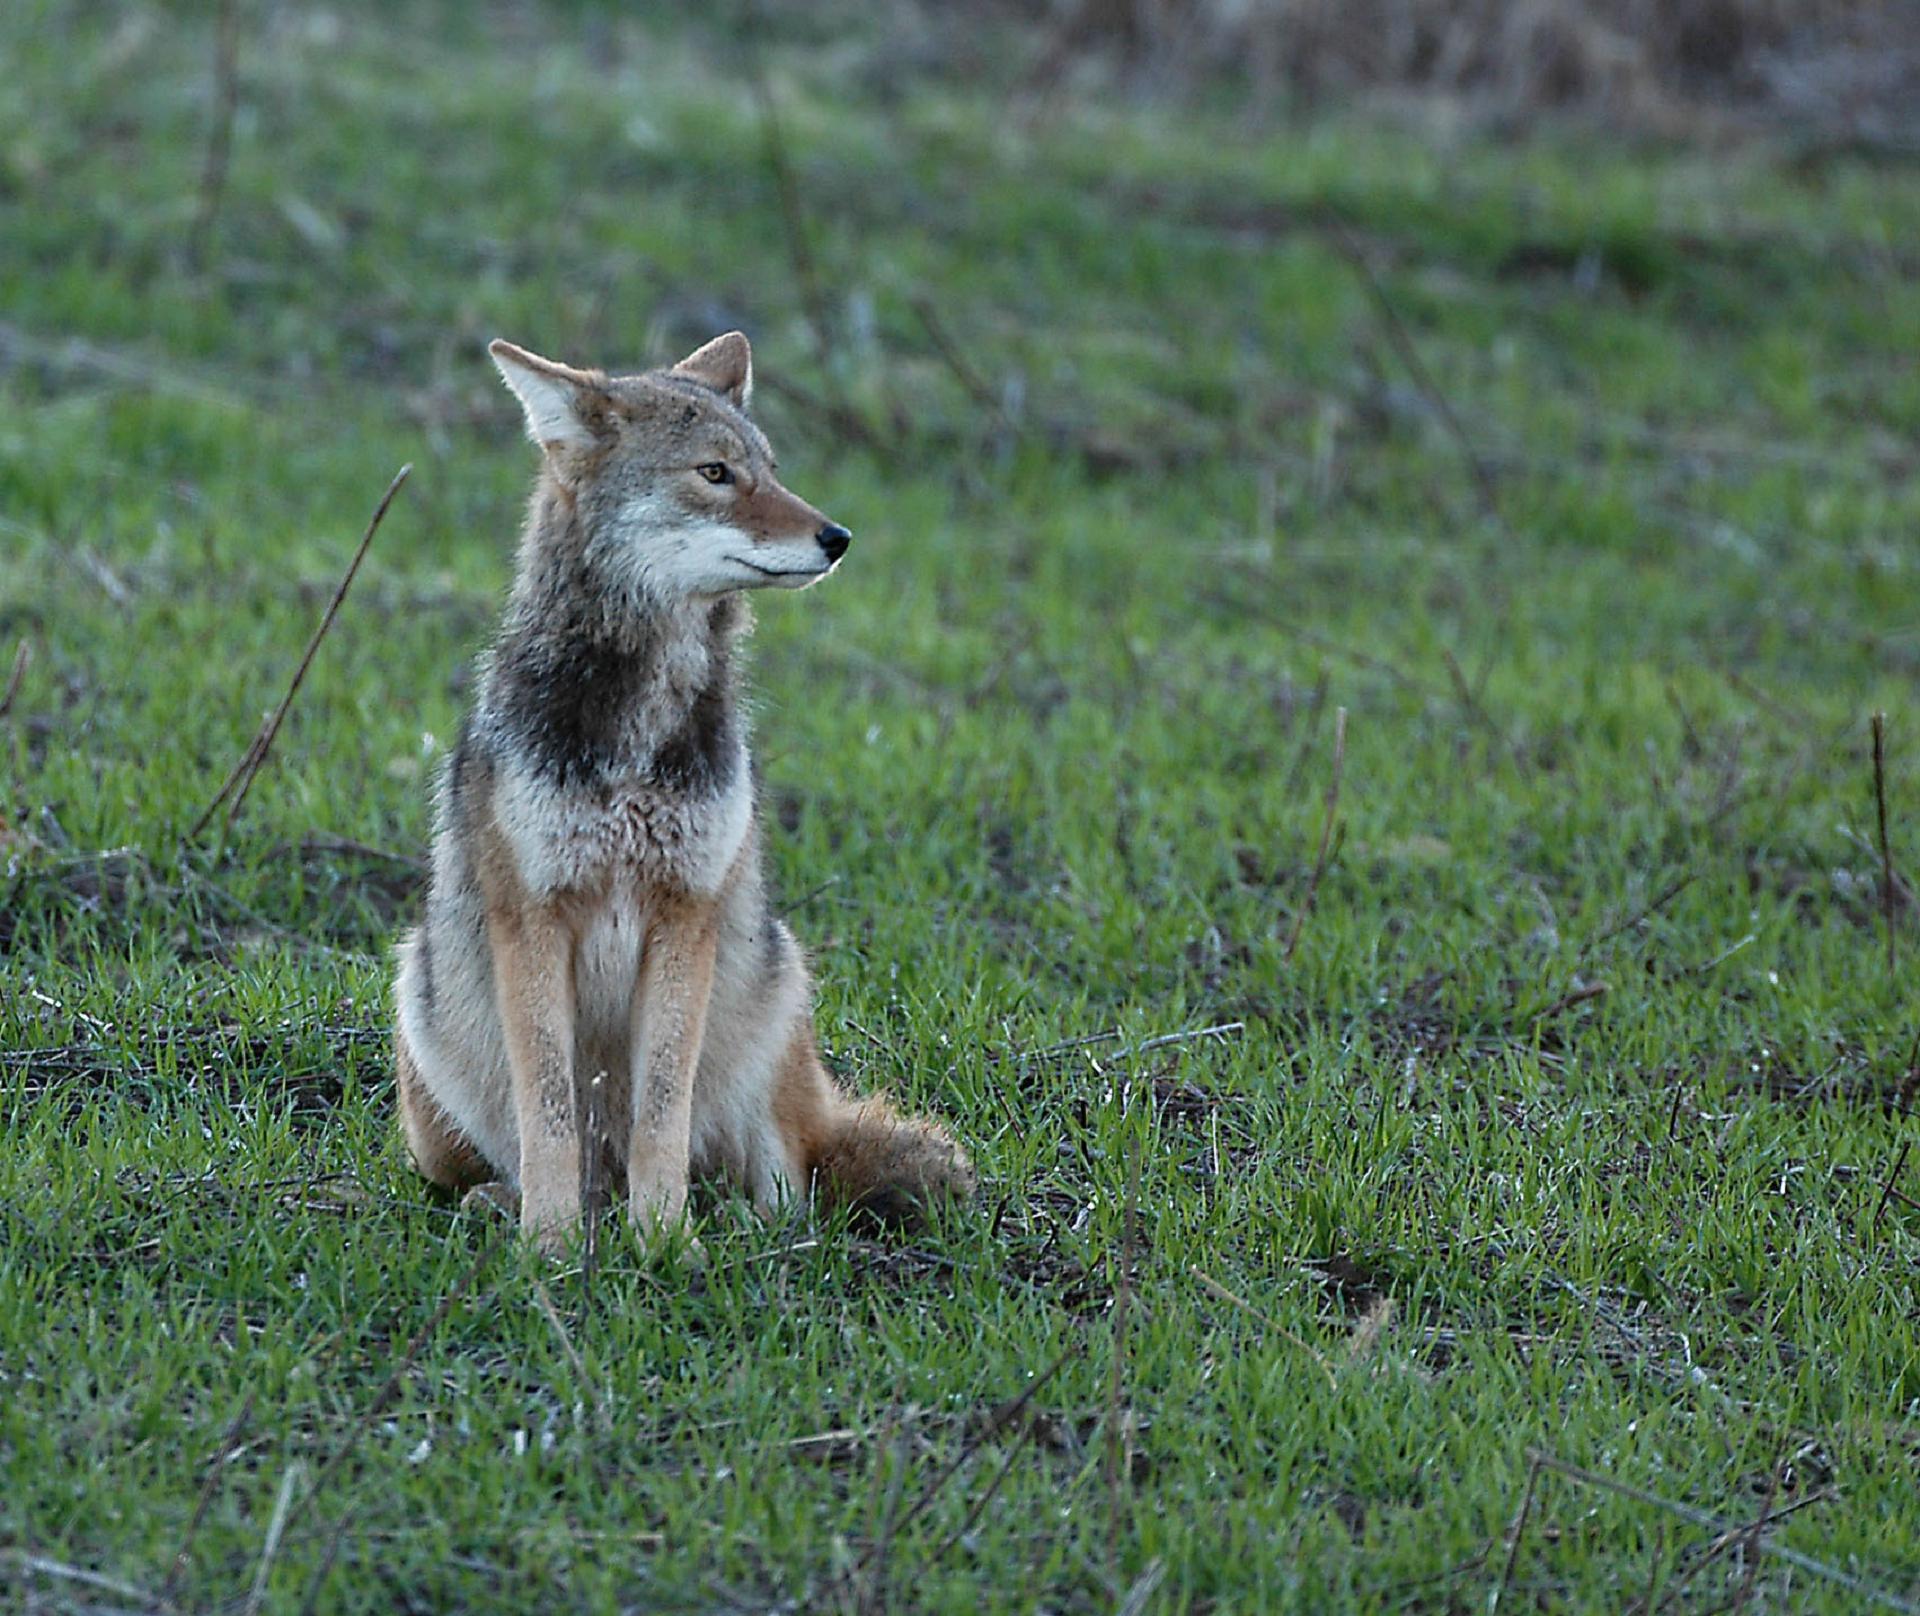 Coyote Hd Wallpaper